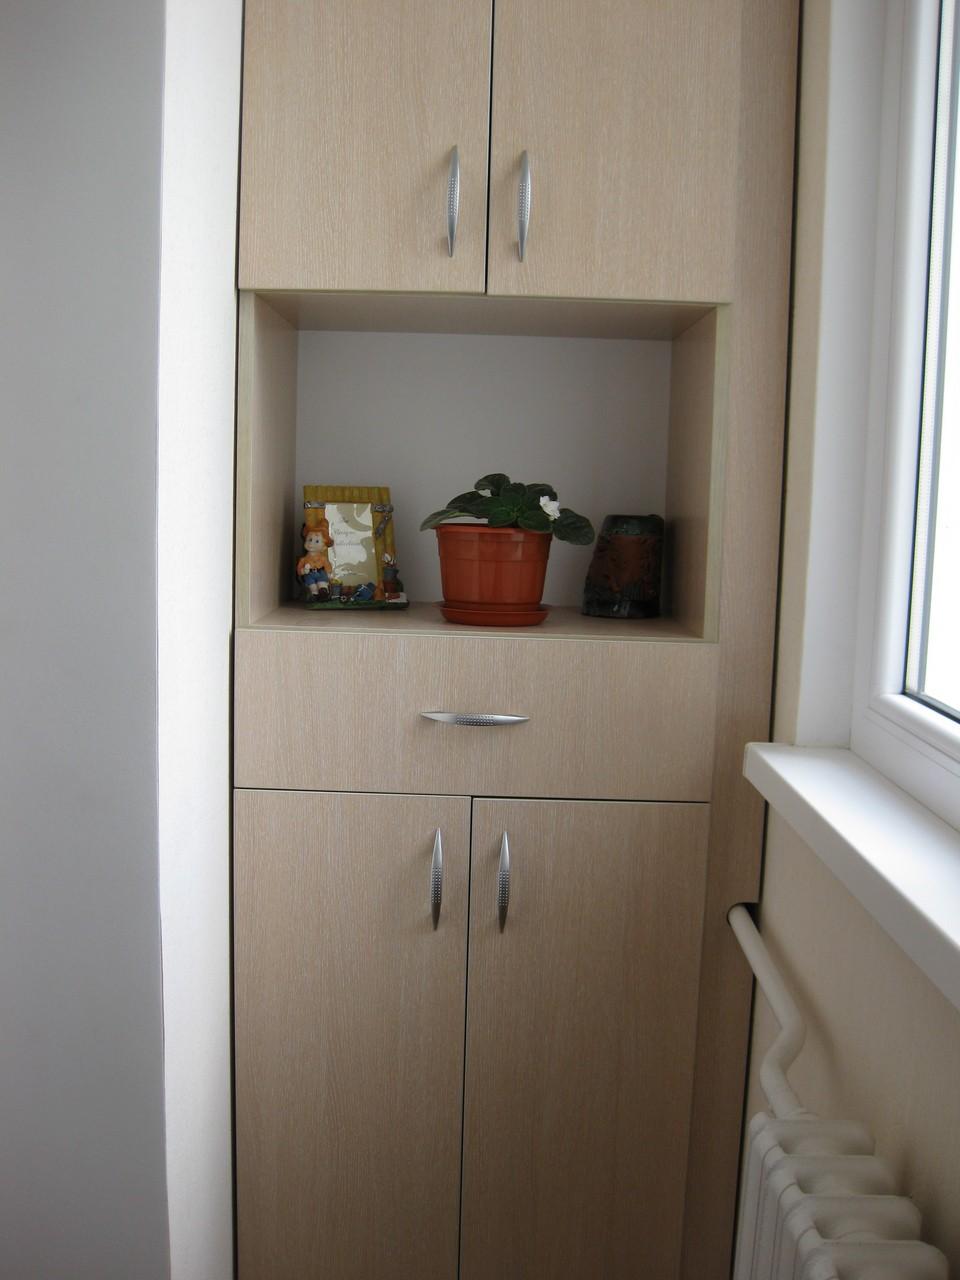 Встроенный шкаф квартира, дом, дача.